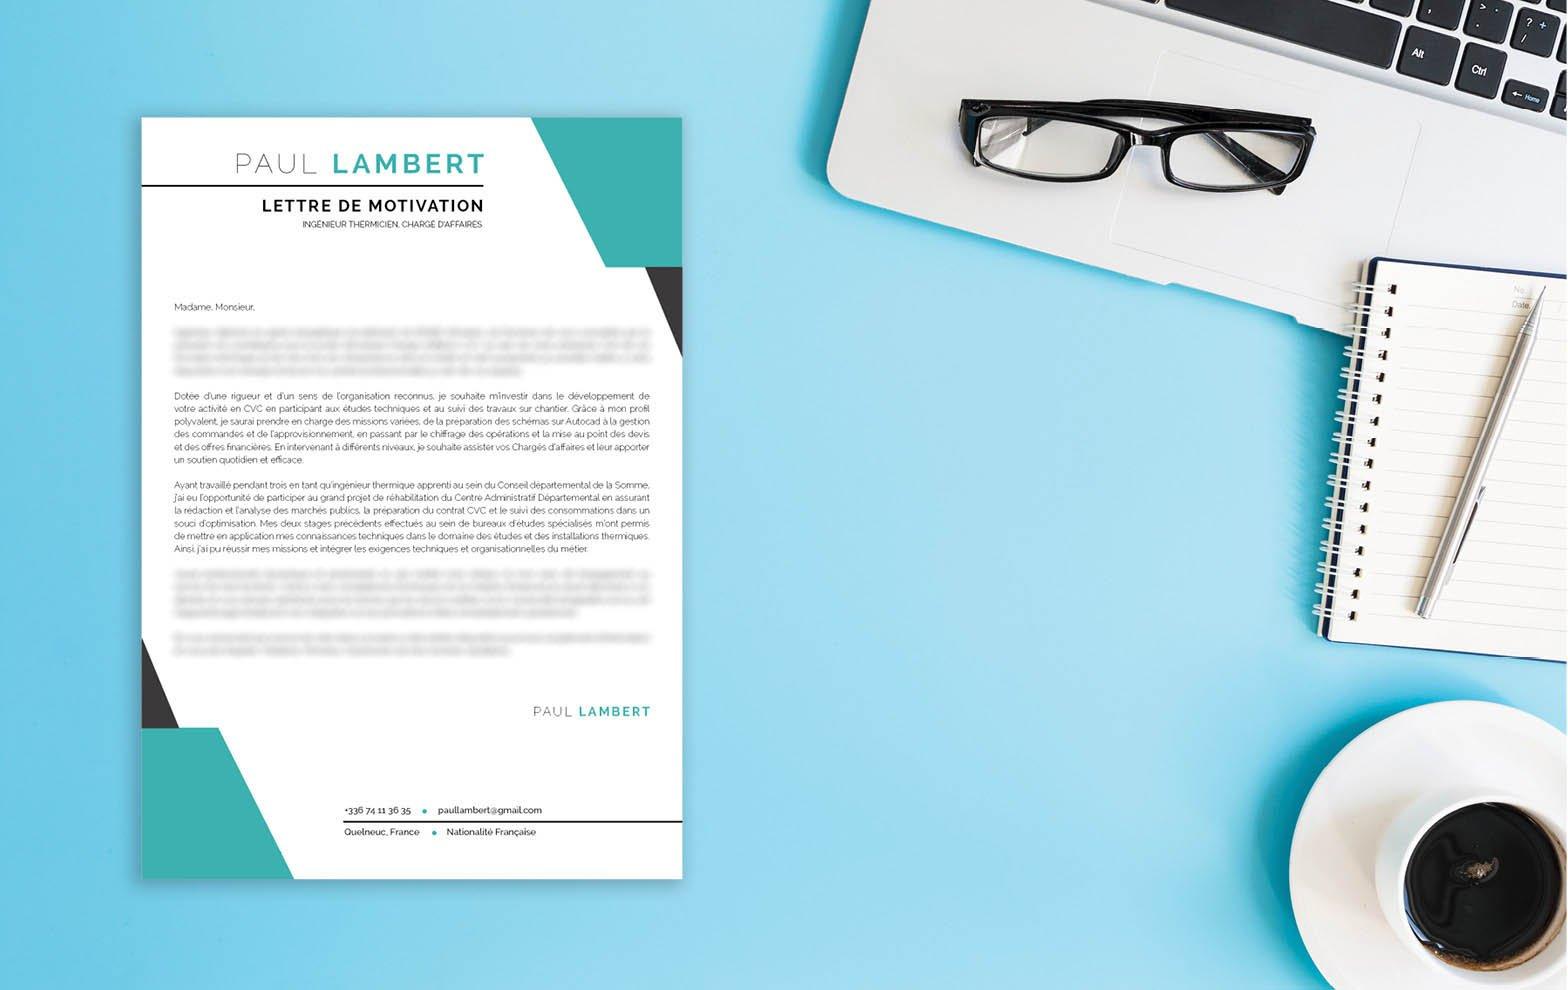 Une lettre de motivation à télécharger élaborée pour optimiser une candidature dans le secteur de la comptabilité.